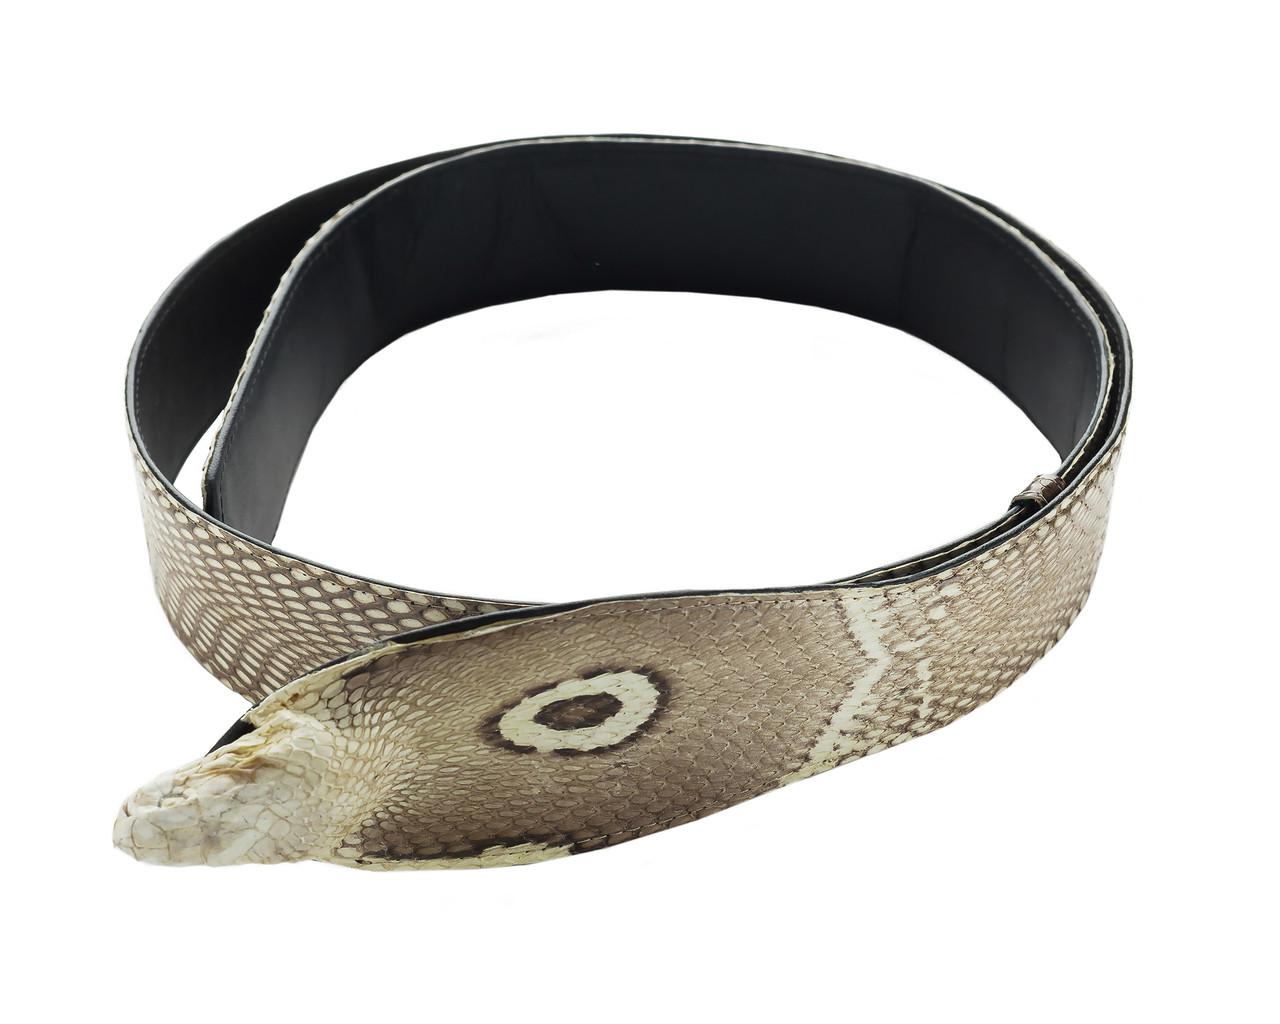 Ремень изк ожи кобры для джинсов Ekzotic Leather (snb18), фото 1